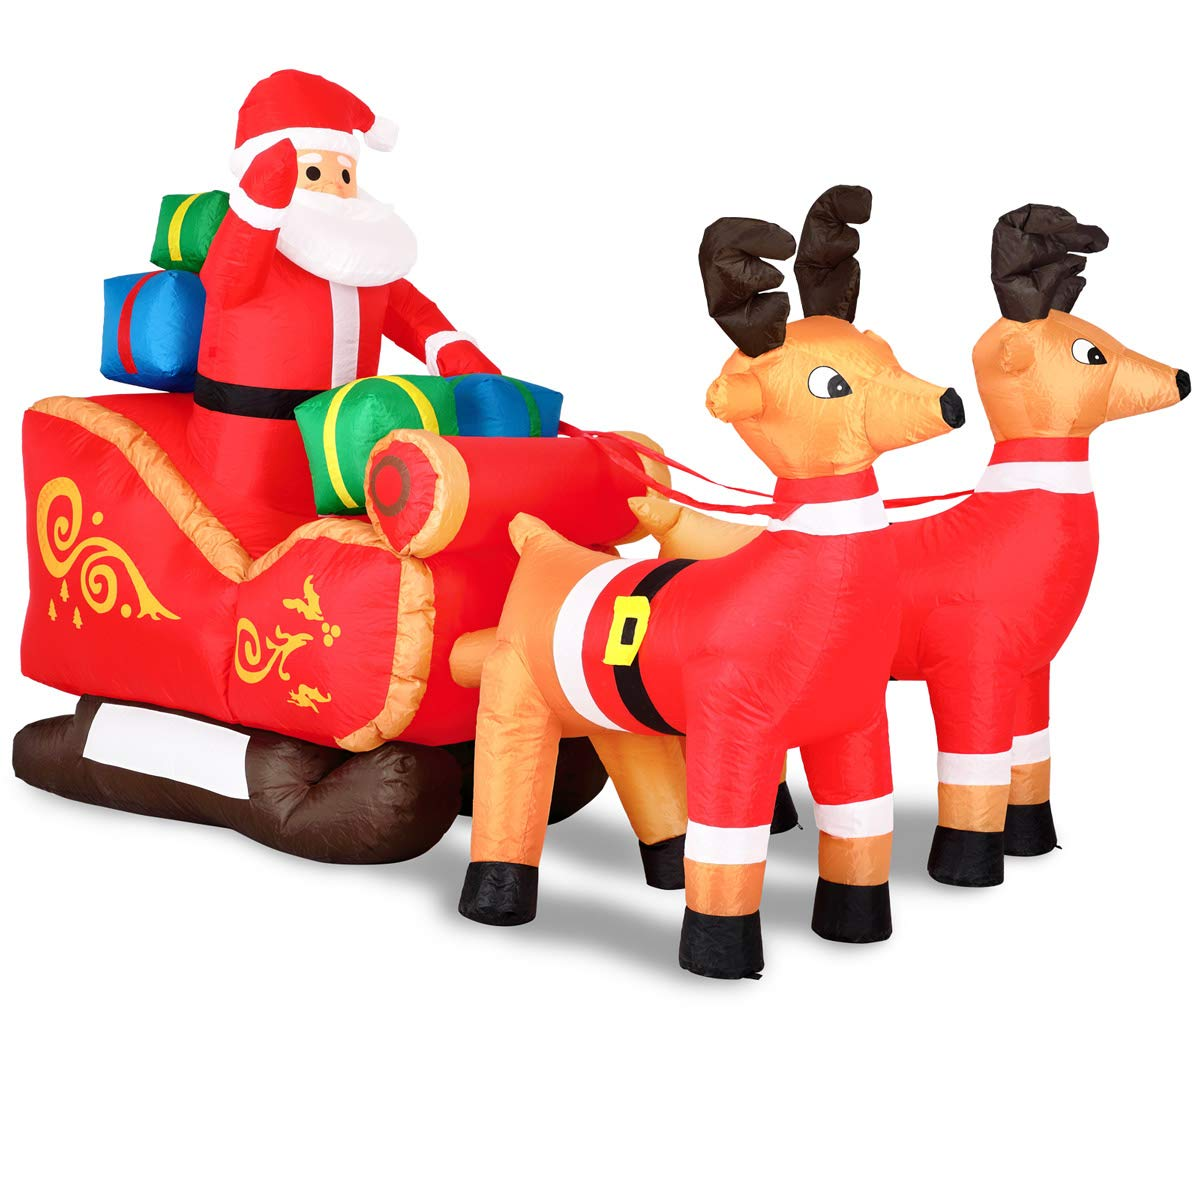 Monzana Aufblasbarer Weihnachtsmann mit Schlitten   Nikolaus Rentiere Weihnachten   Santa Claus Deko LED Beleuchtet